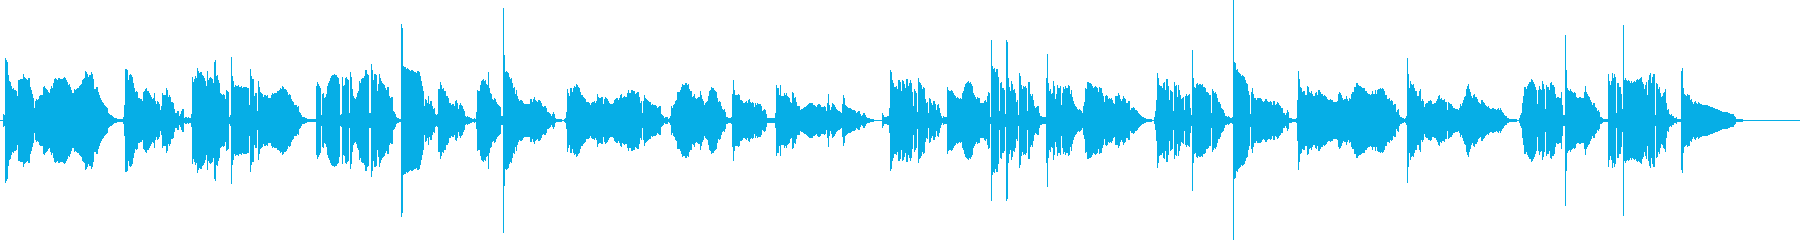 大人っぽいアラビアンなジャズの再生済みの波形